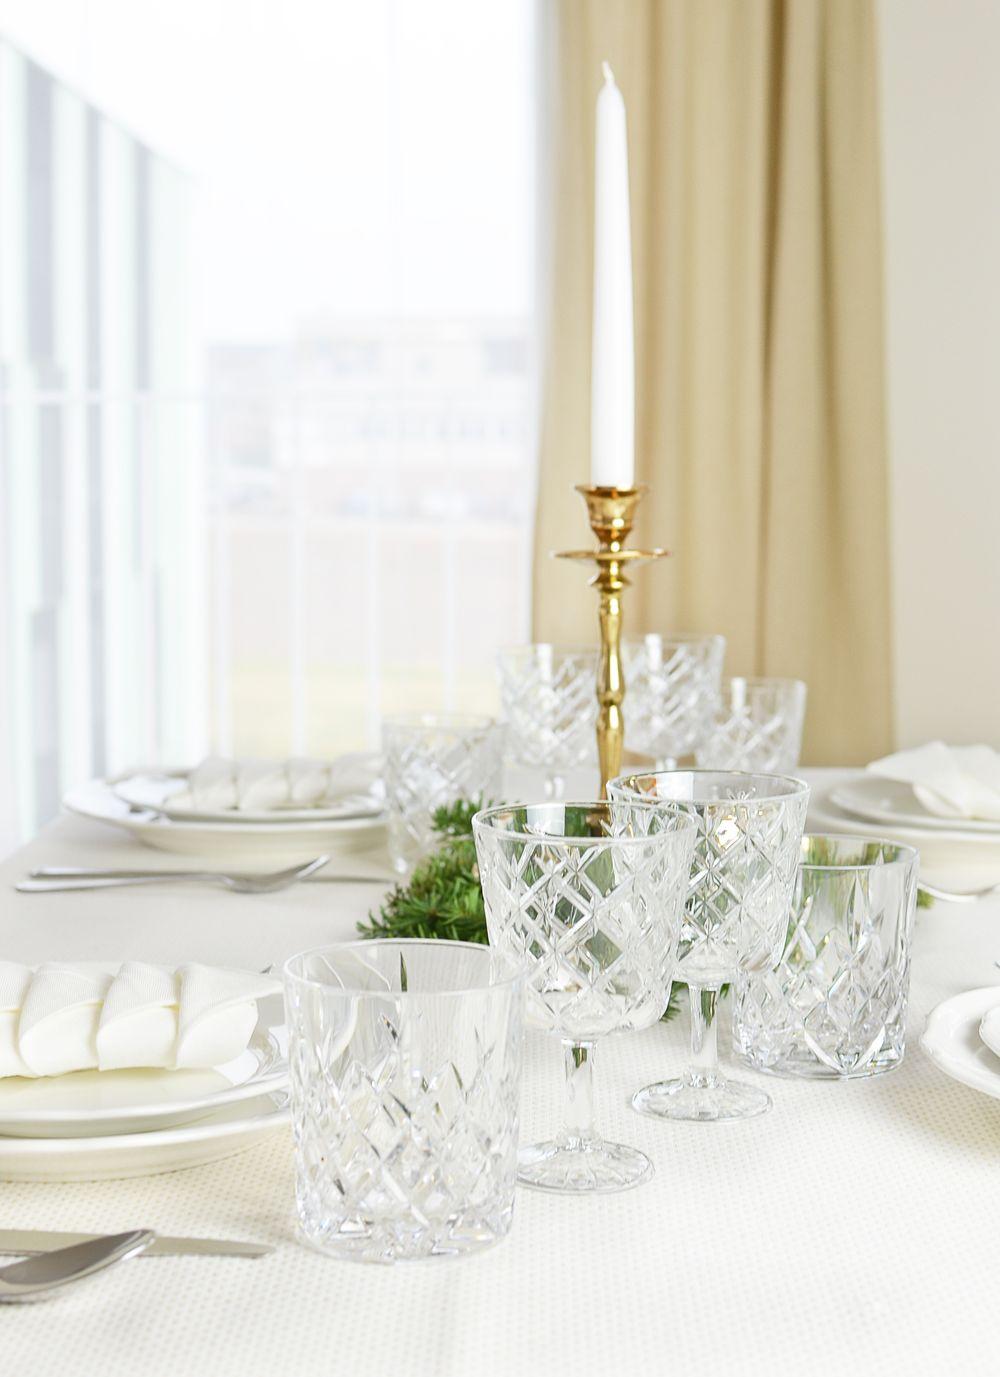 Świąteczne nakrycie stołu. Moja aranżacja | Polenka.pl